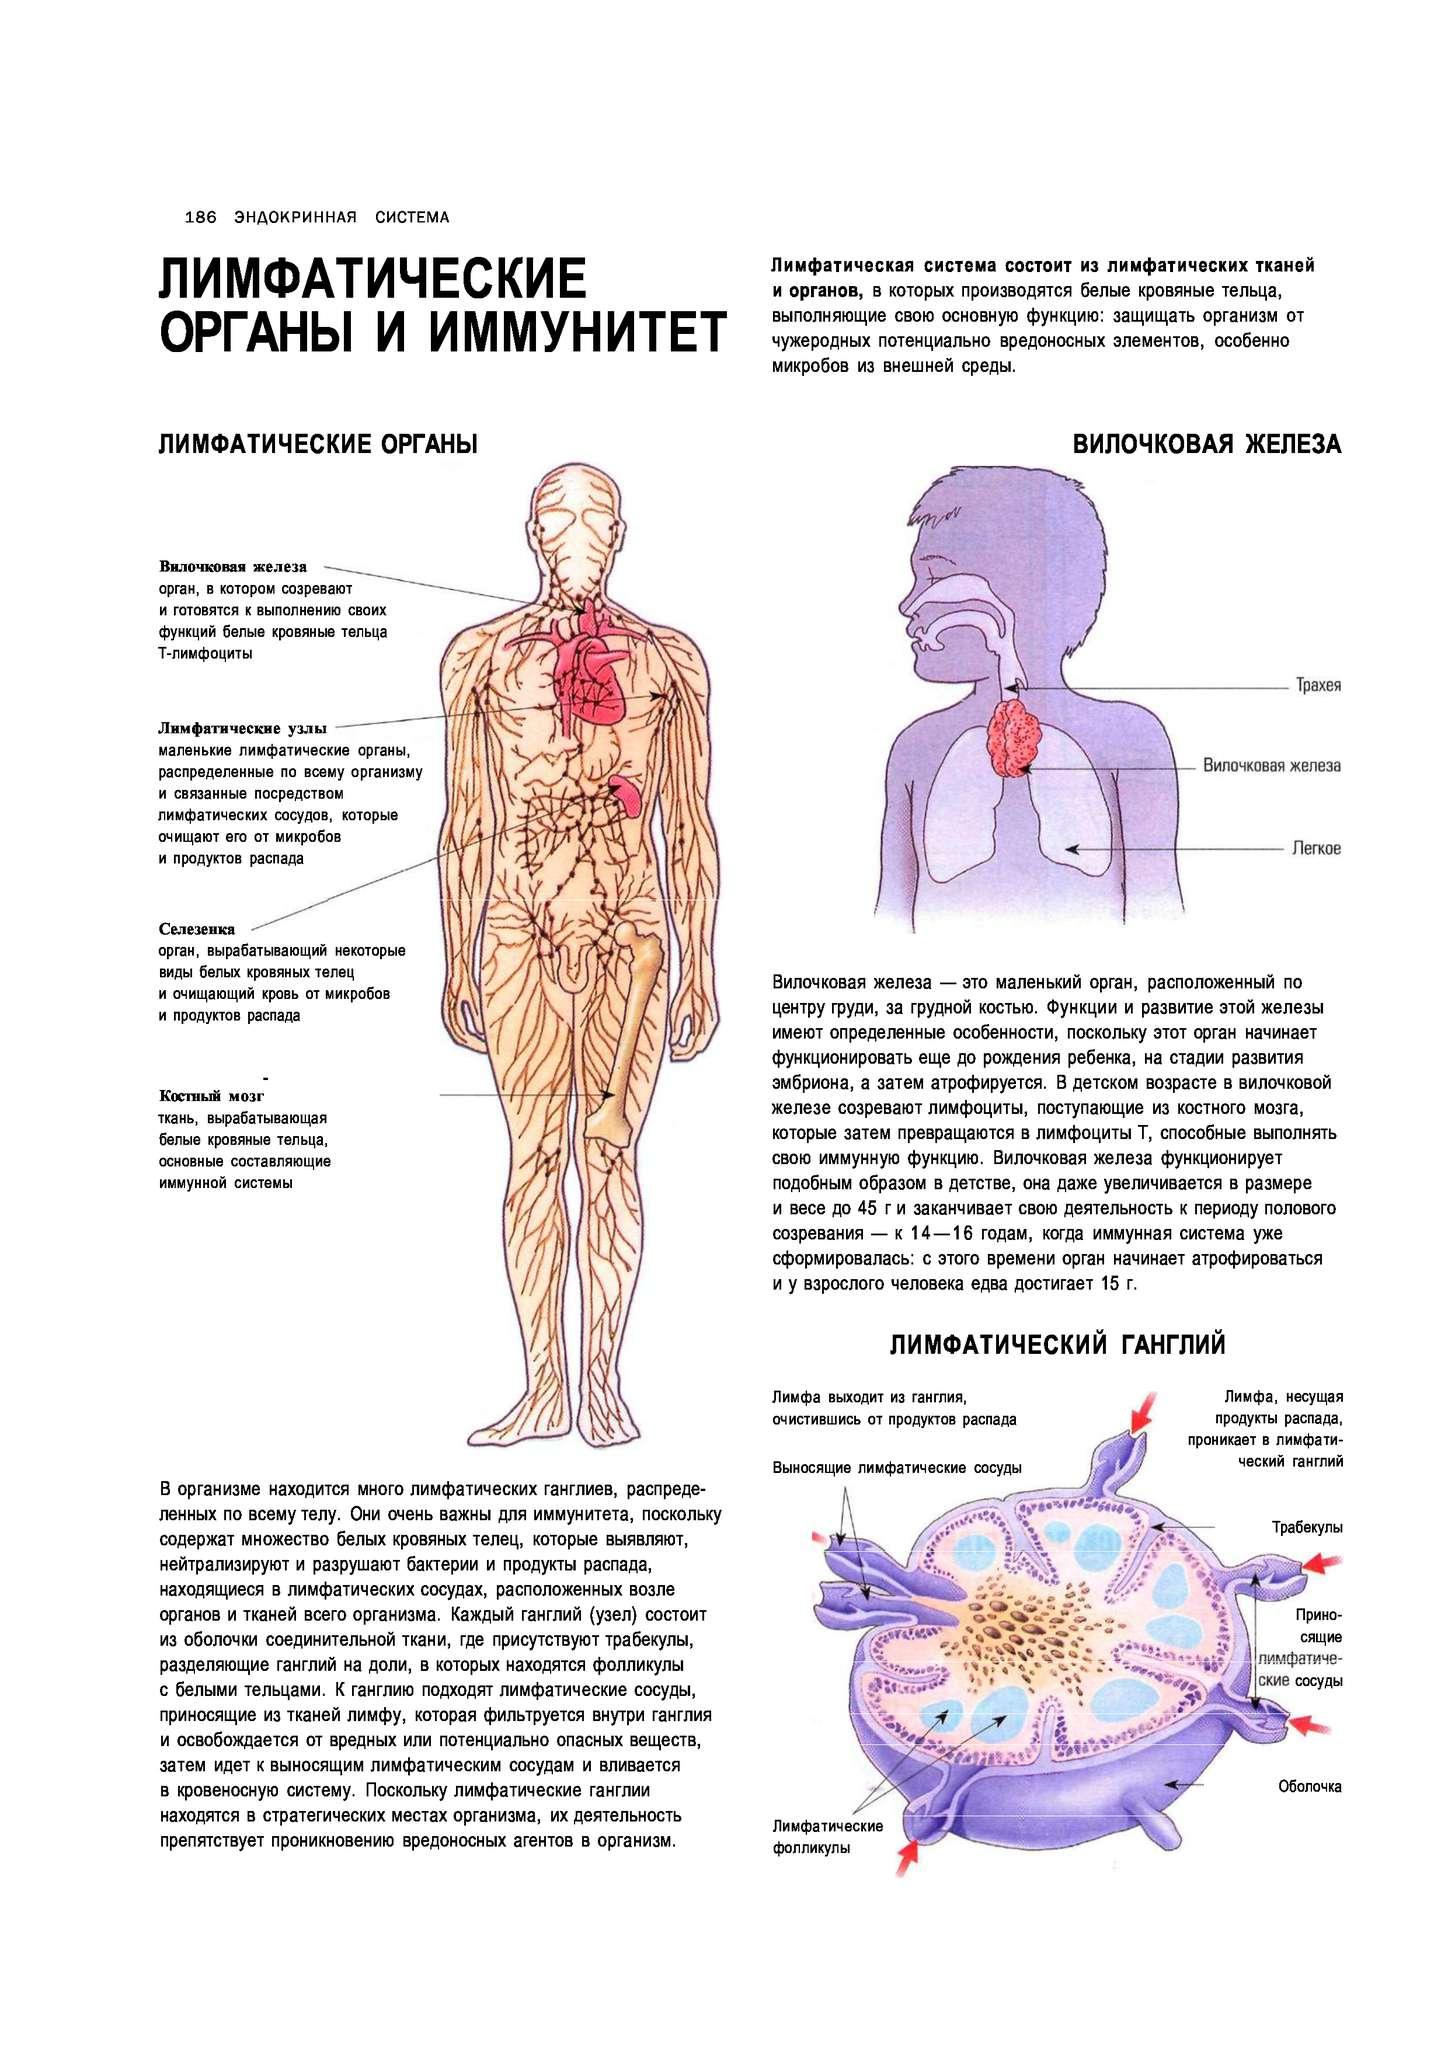 «действительно ли иммунные клетки имеют целью защищать нас или нам просто выгодно так думать?»